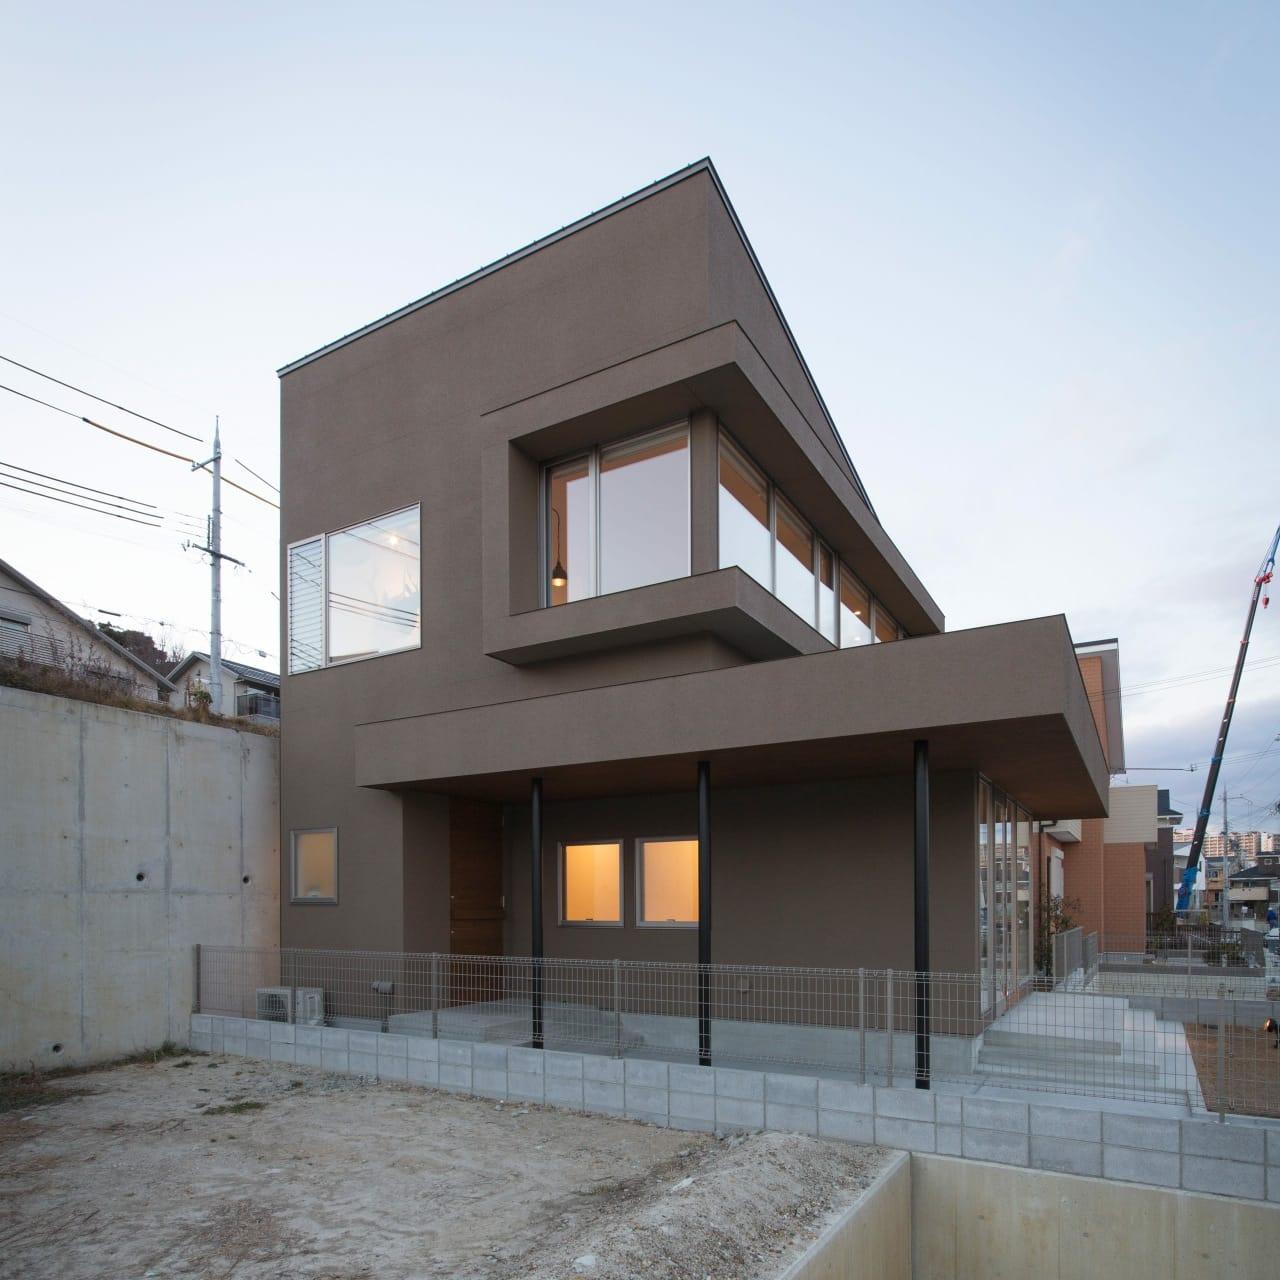 塩屋 No.1 ハウス